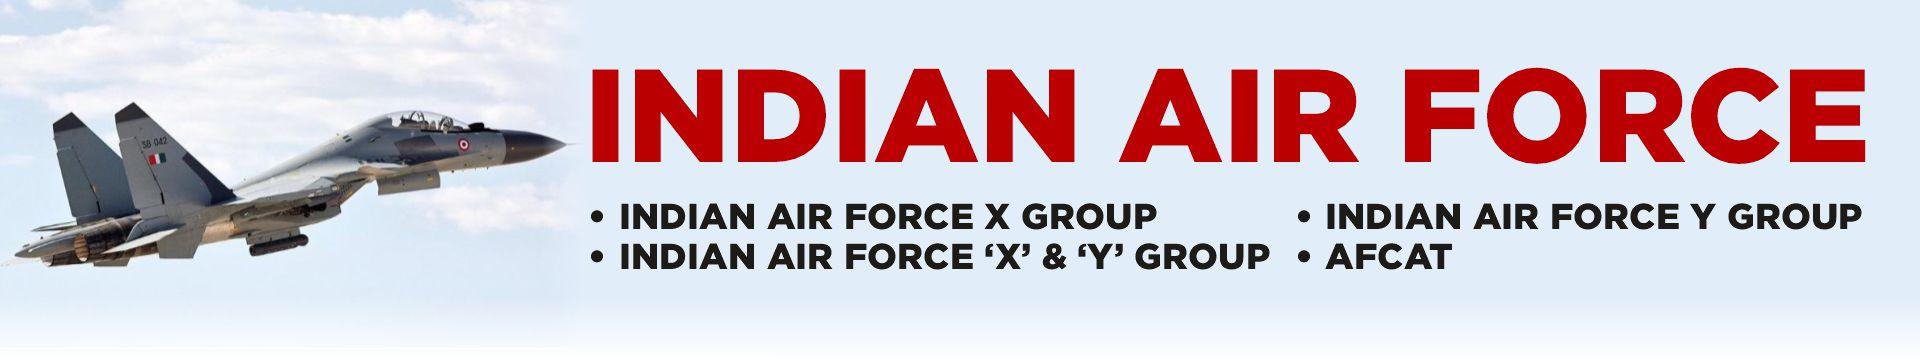 Indian AF full online course -shaurya bharat app